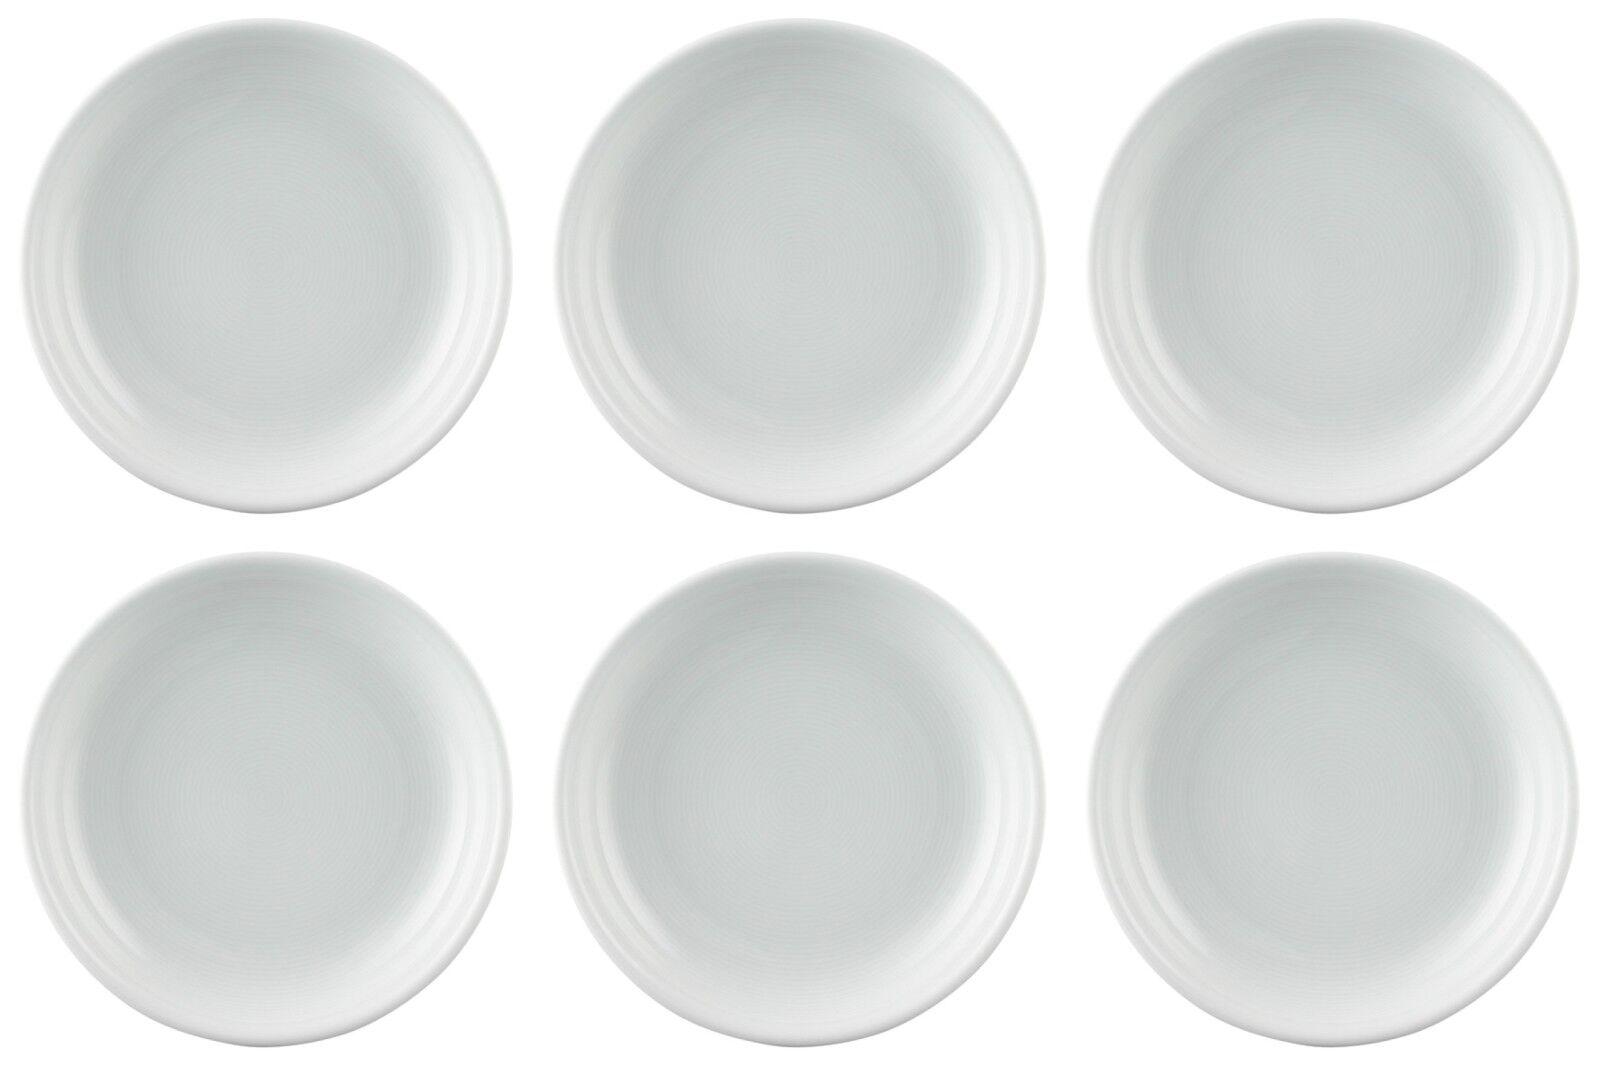 6 x piatti insalata 19 cm di profondità-Thomas TREND BIANCO - 13151-BIANCO-supplementi piatto